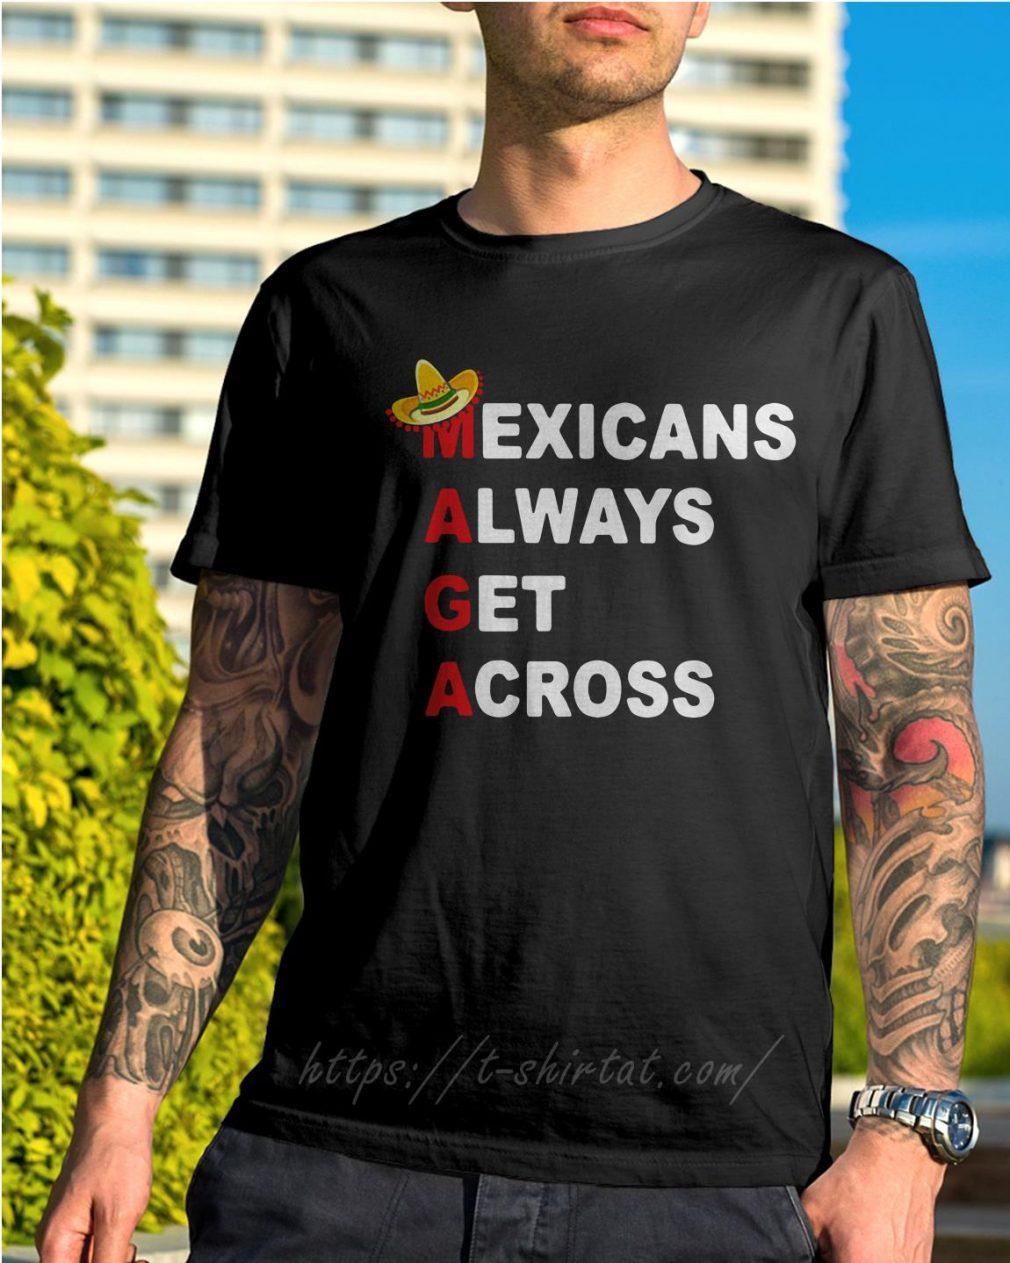 Sombrero Mexicano Maga Mexicans always get across shirt